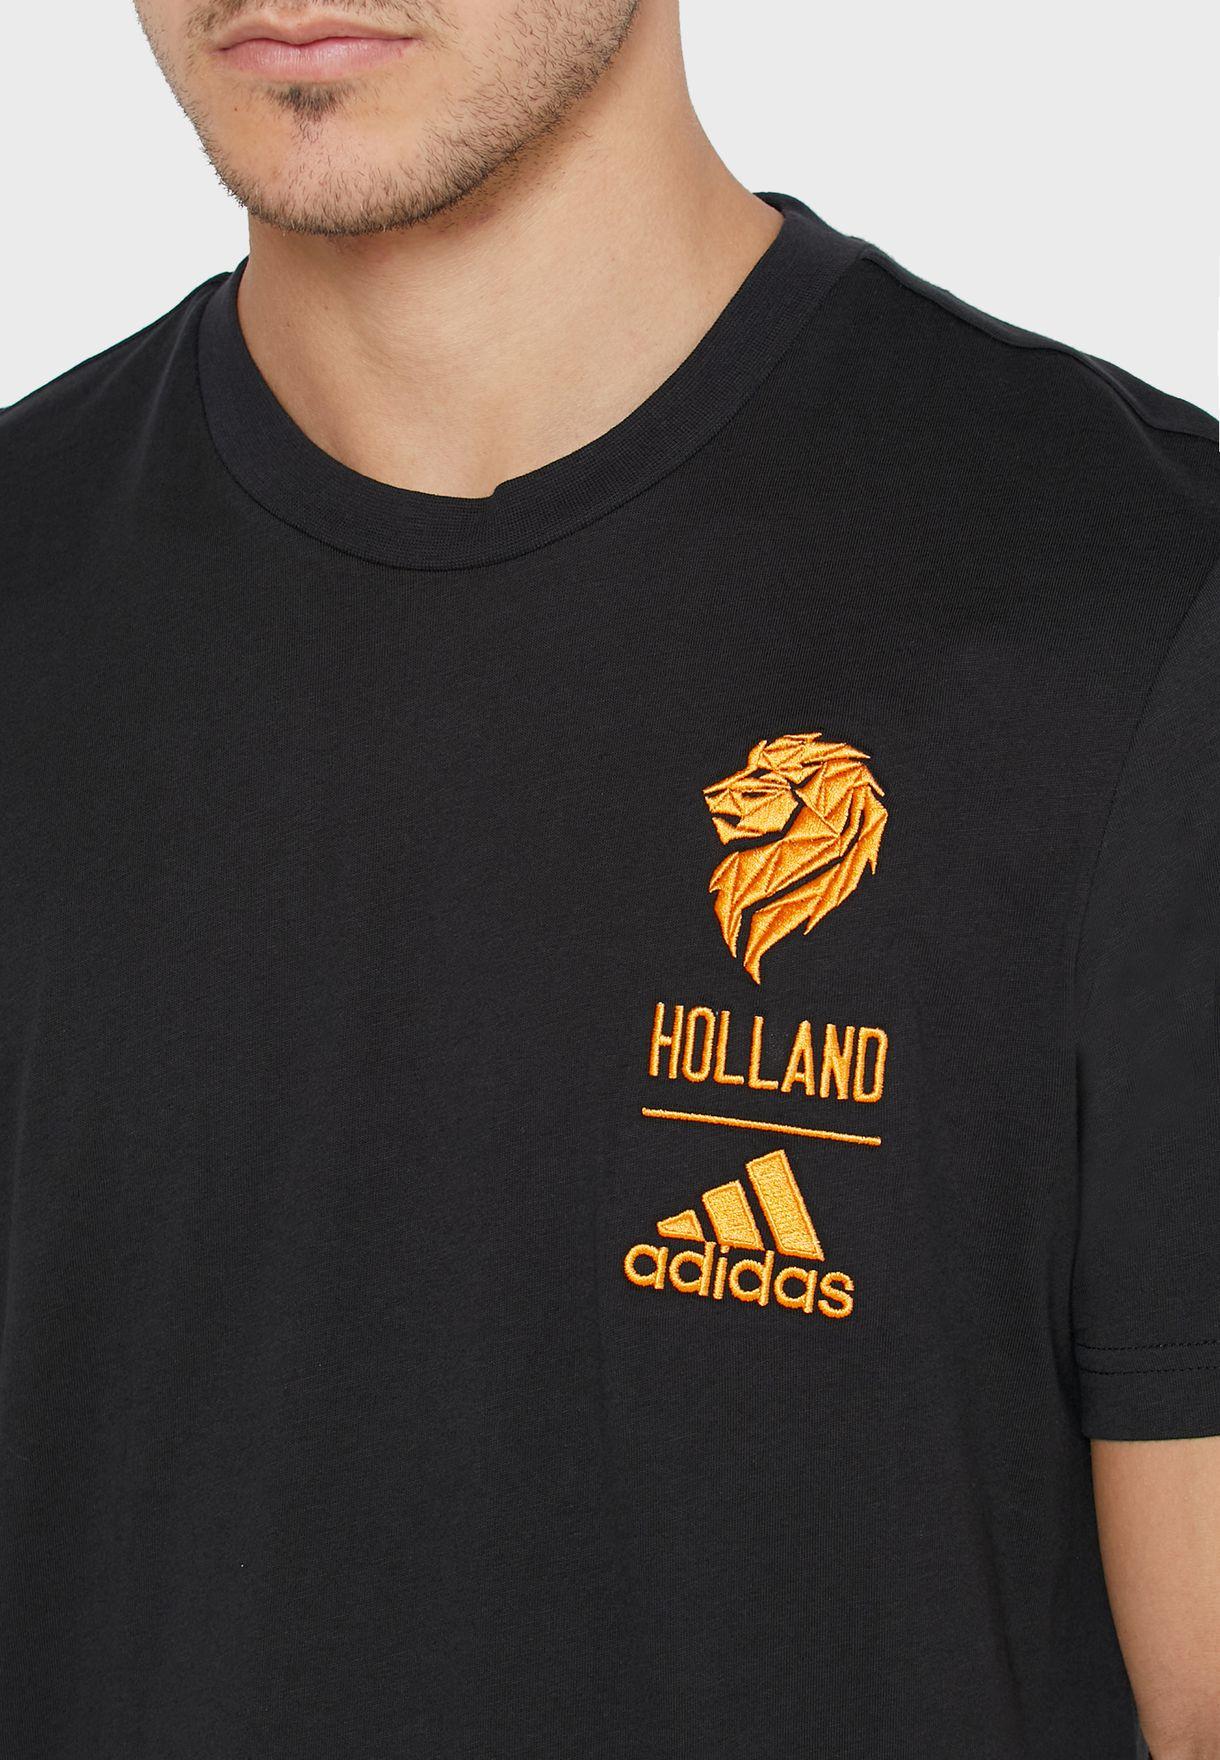 تيشيرت بشعار فريق هولندا لكرة القدم